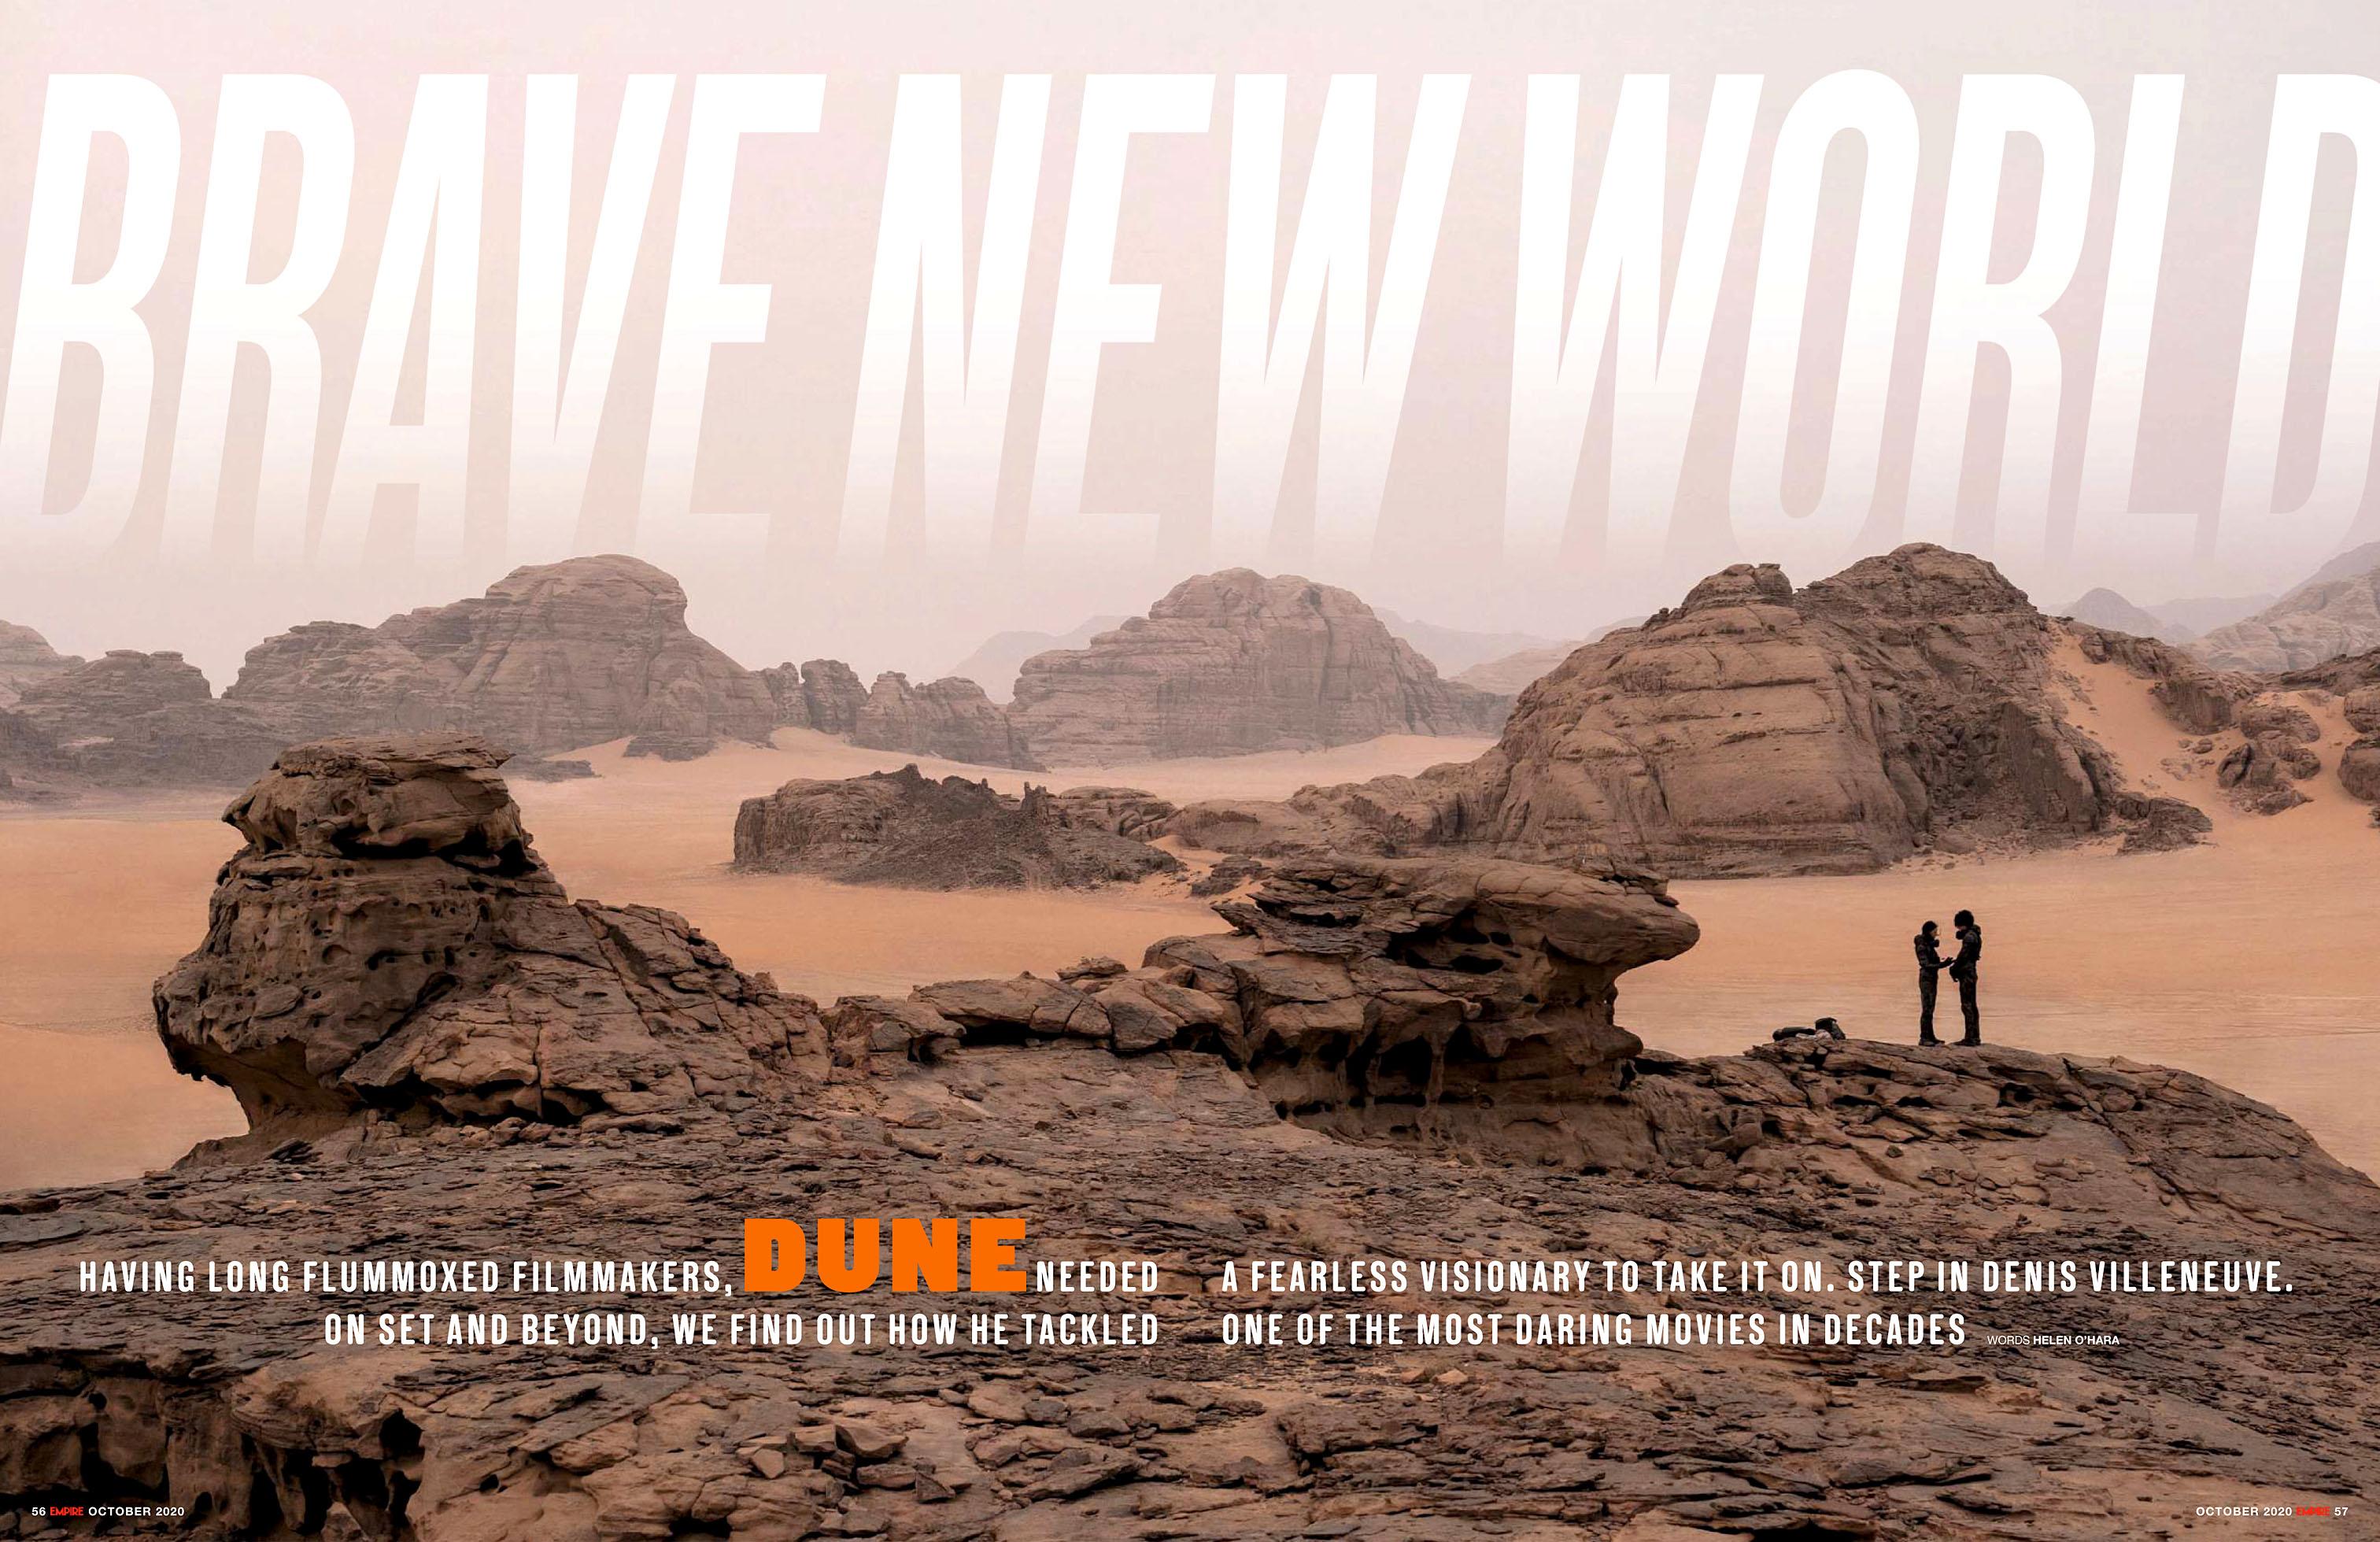 Empire UK 2020-10 Dune 02.jpg